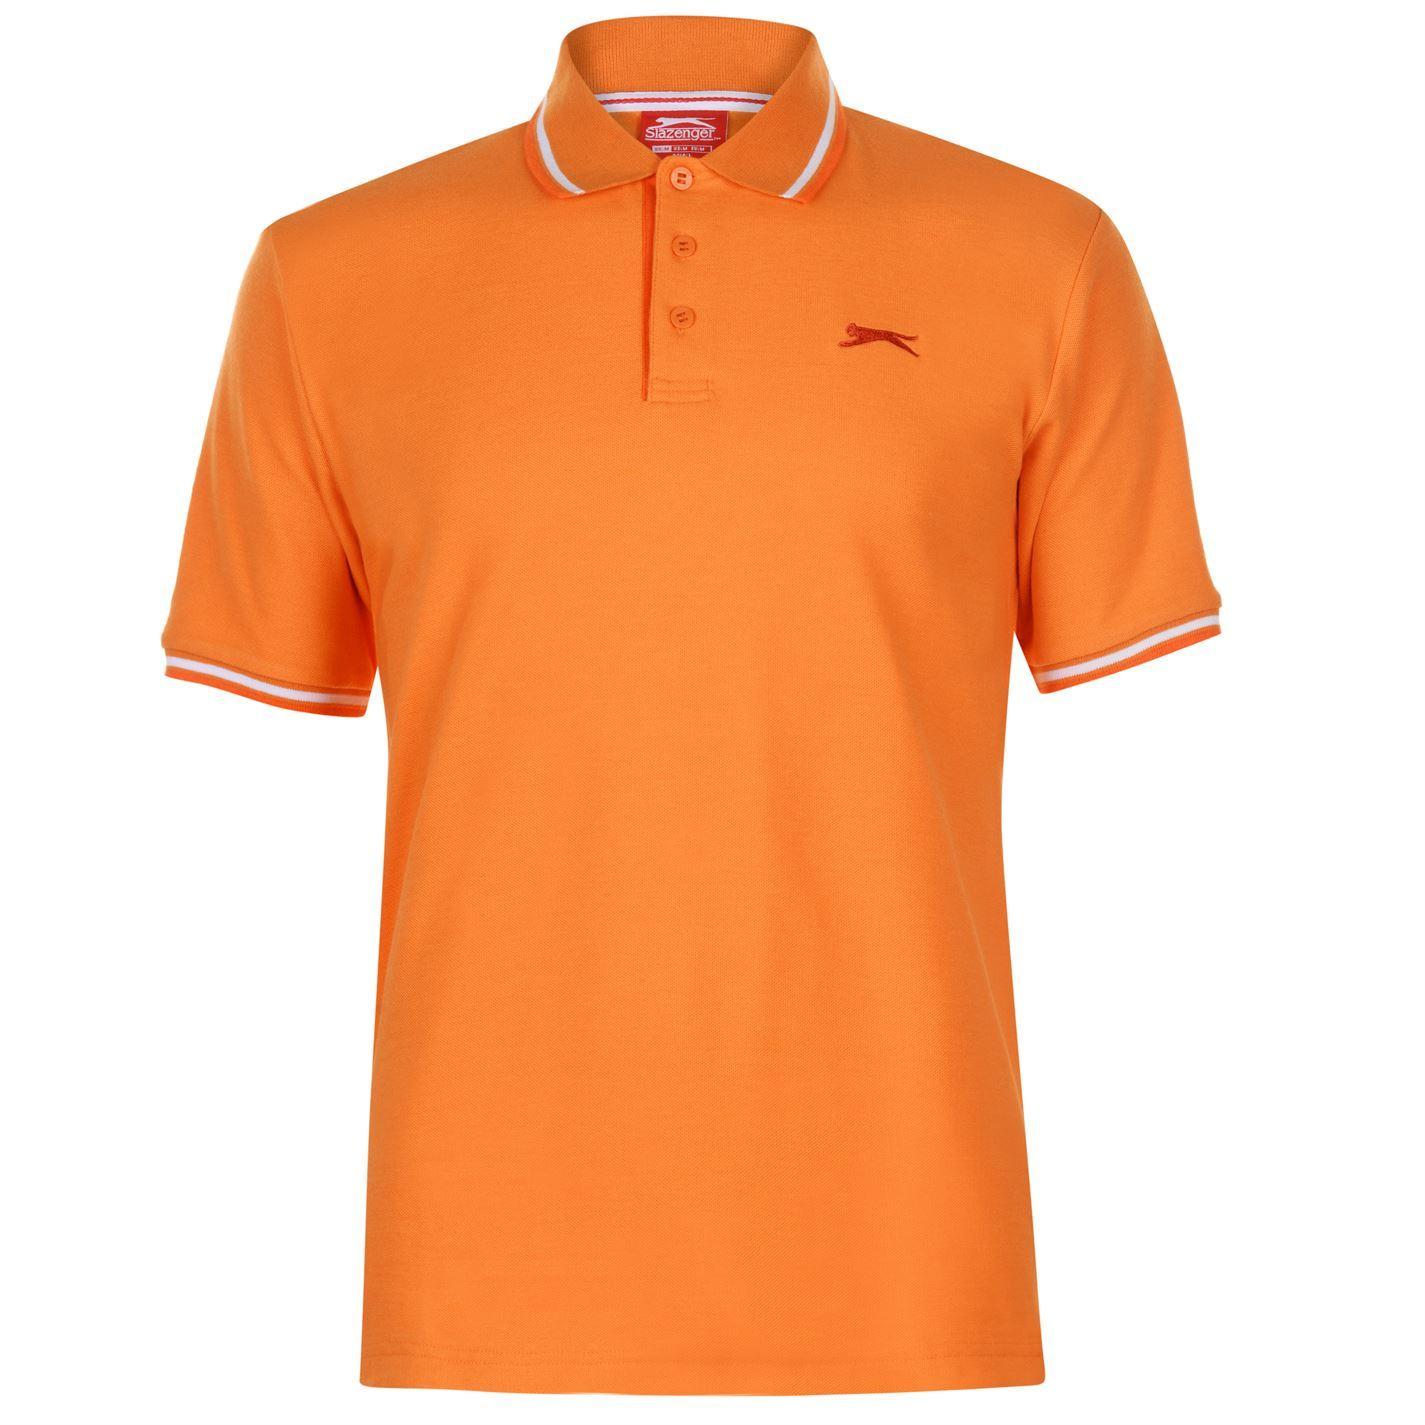 Slazenger-Polo-Camisa-de-hombre-con-cuello-con-Punta-T-Shirt-Top-Camiseta-Tee miniatura 73